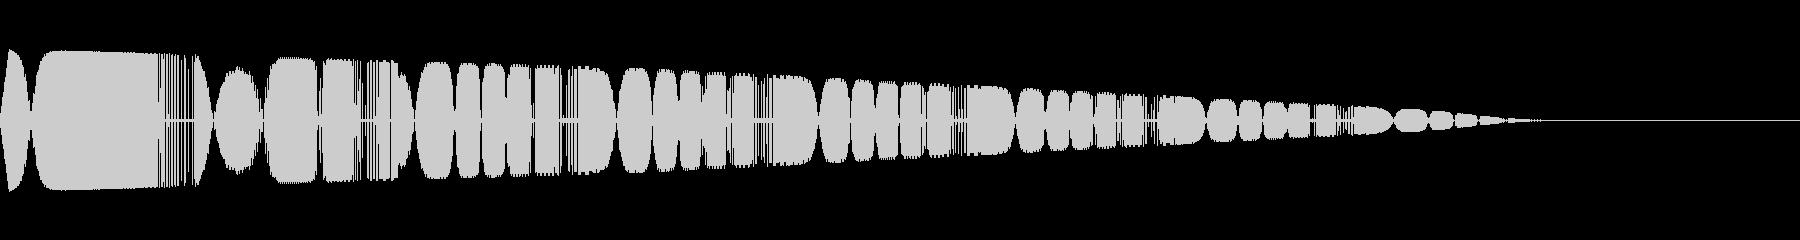 ピロロロ(弾/レーザー/SF/ゲームの未再生の波形